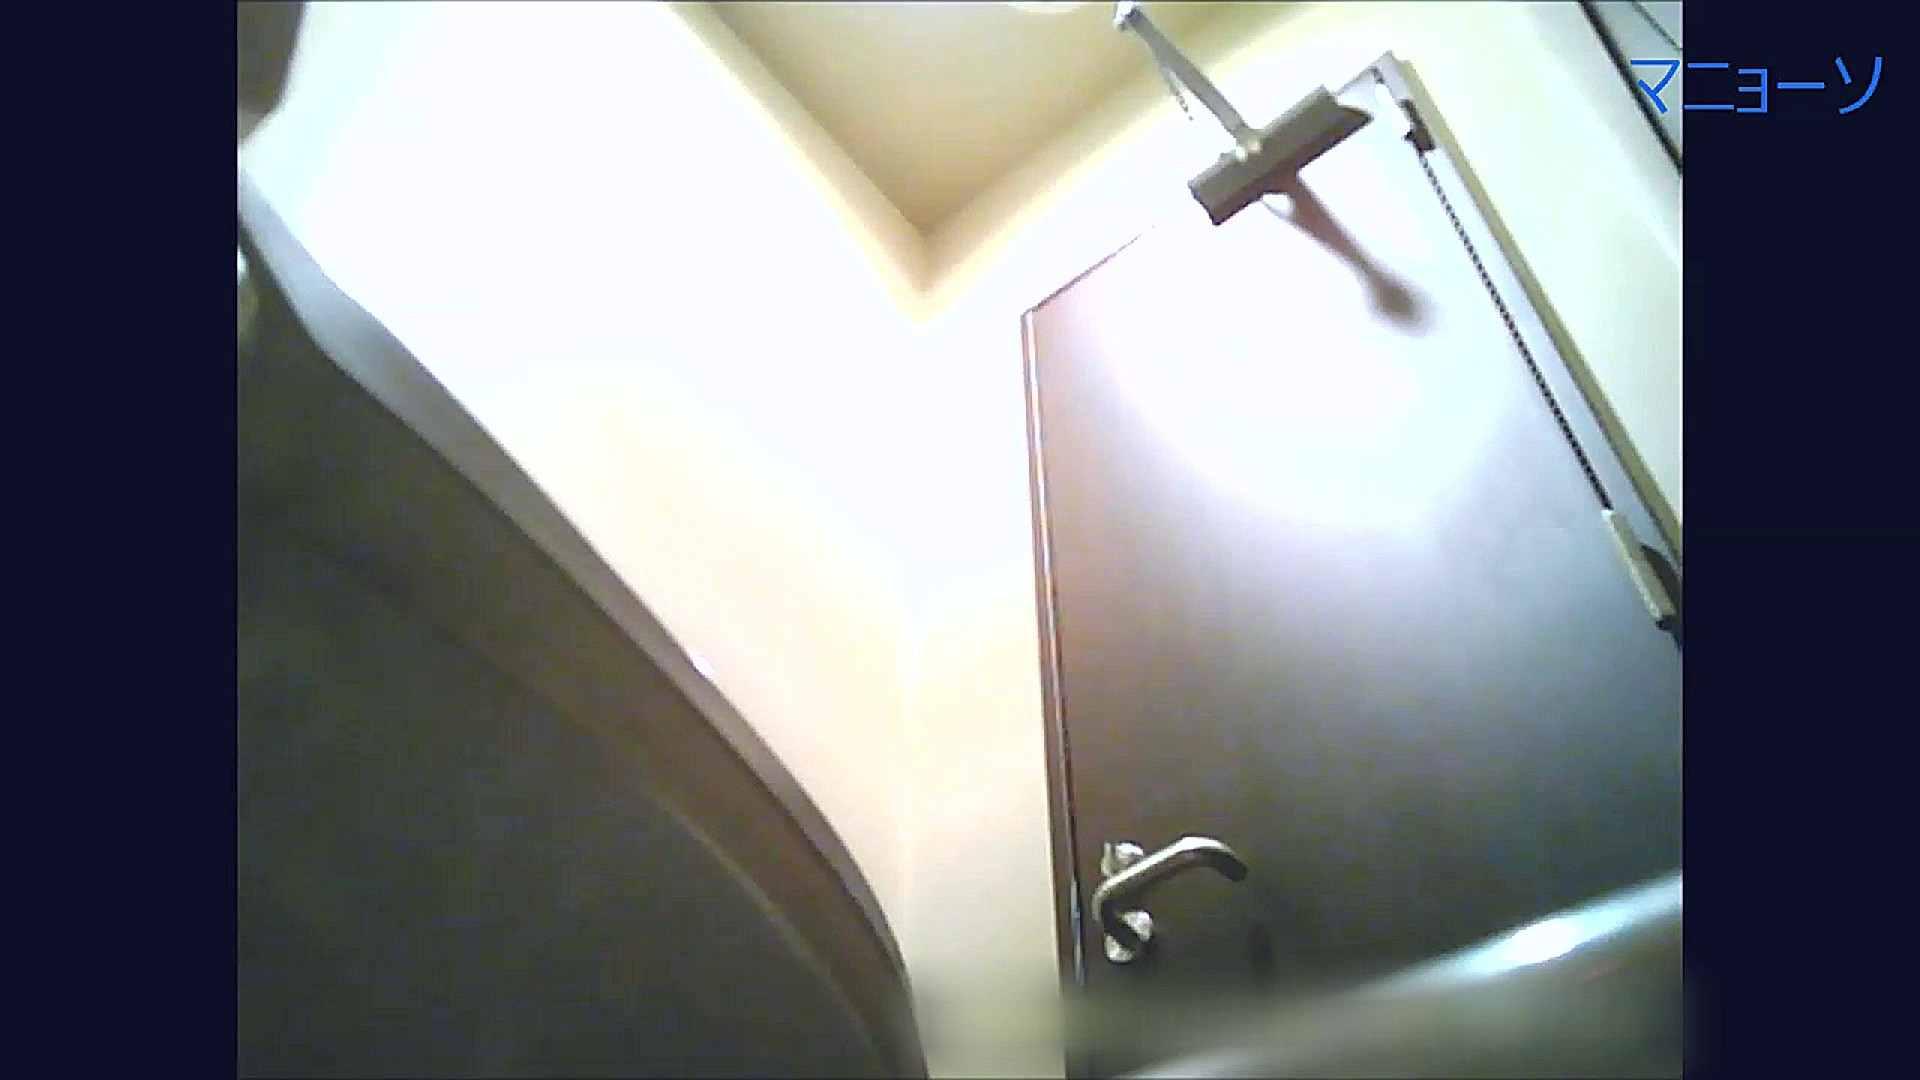 トイレでひと肌脱いでもらいました (JD編)Vol.03 トイレ盗撮 | 色っぽいOL達  70pic 59